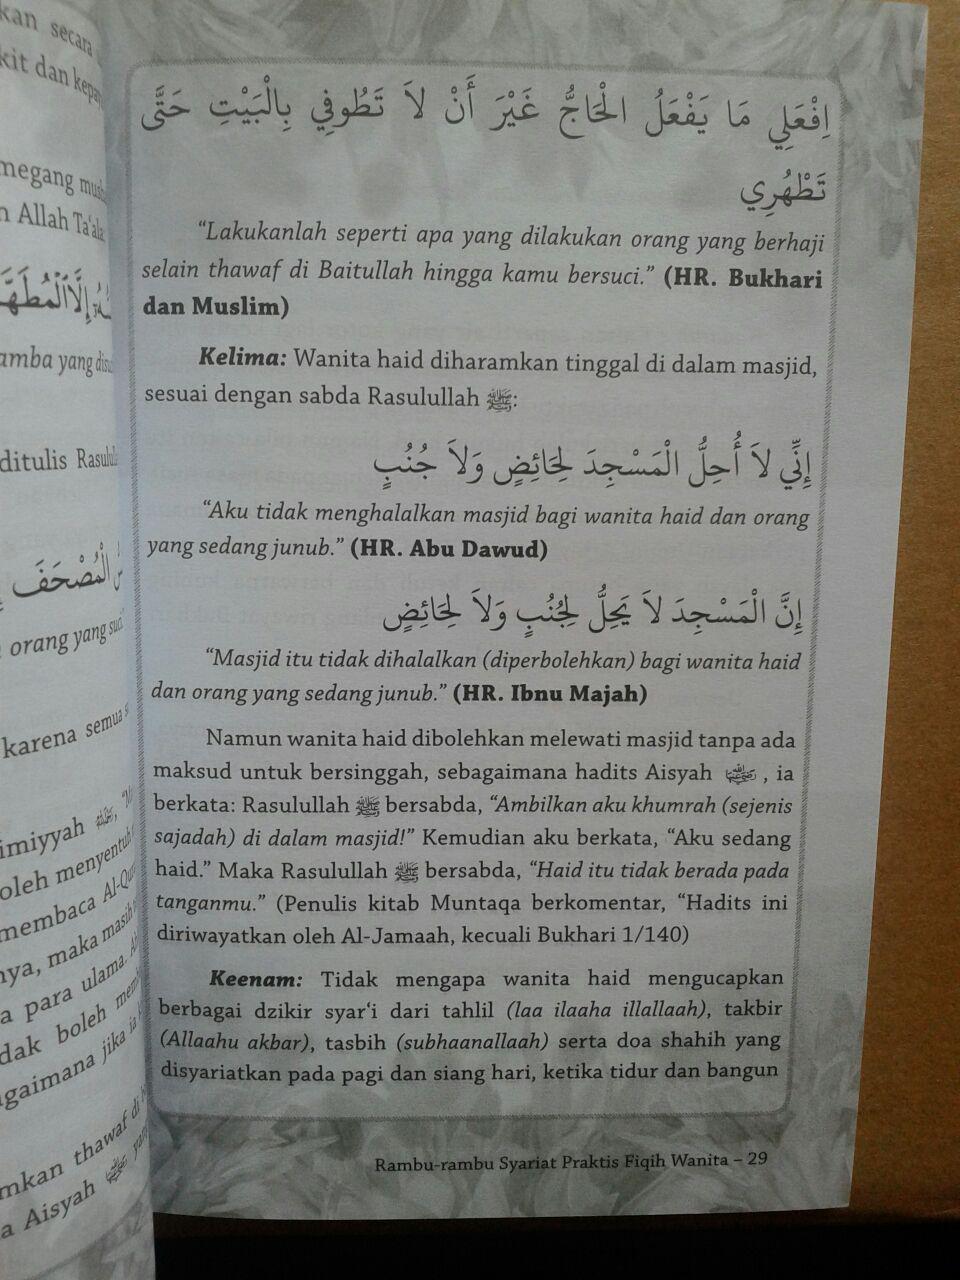 Buku Rambu-Rambu Syariat Praktis Fiqih Wanita isi 2